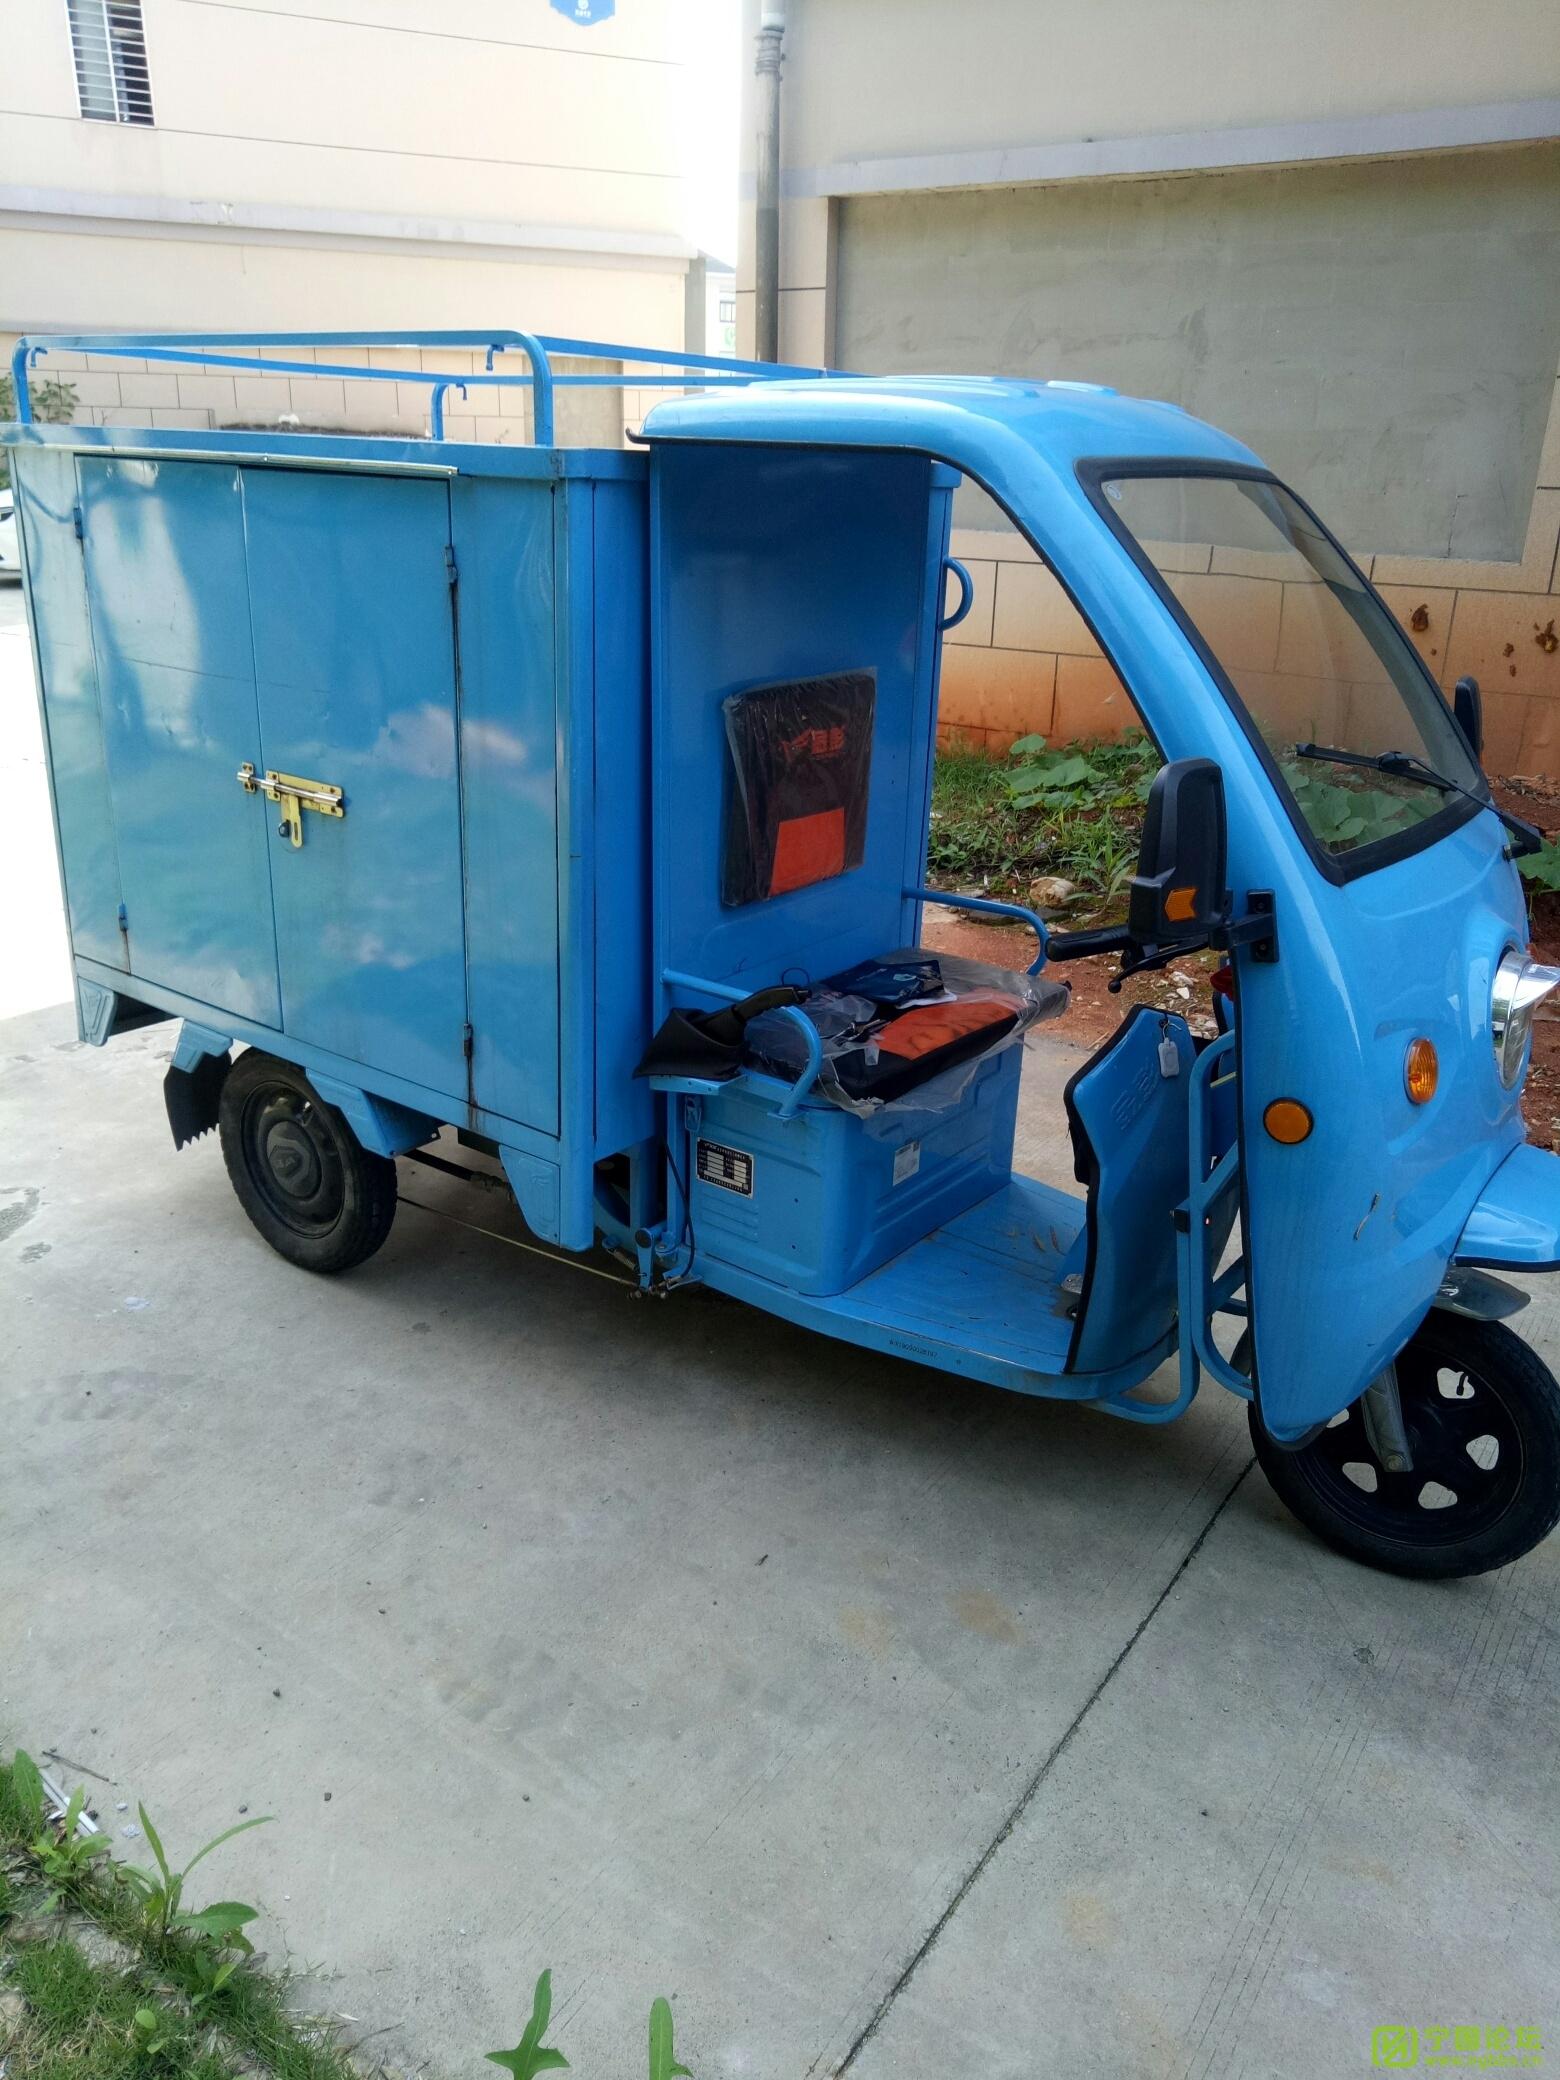 出售电动三轮车一辆,买来半年多时 - 宁国论坛 - 1593504873119703_883.jpg